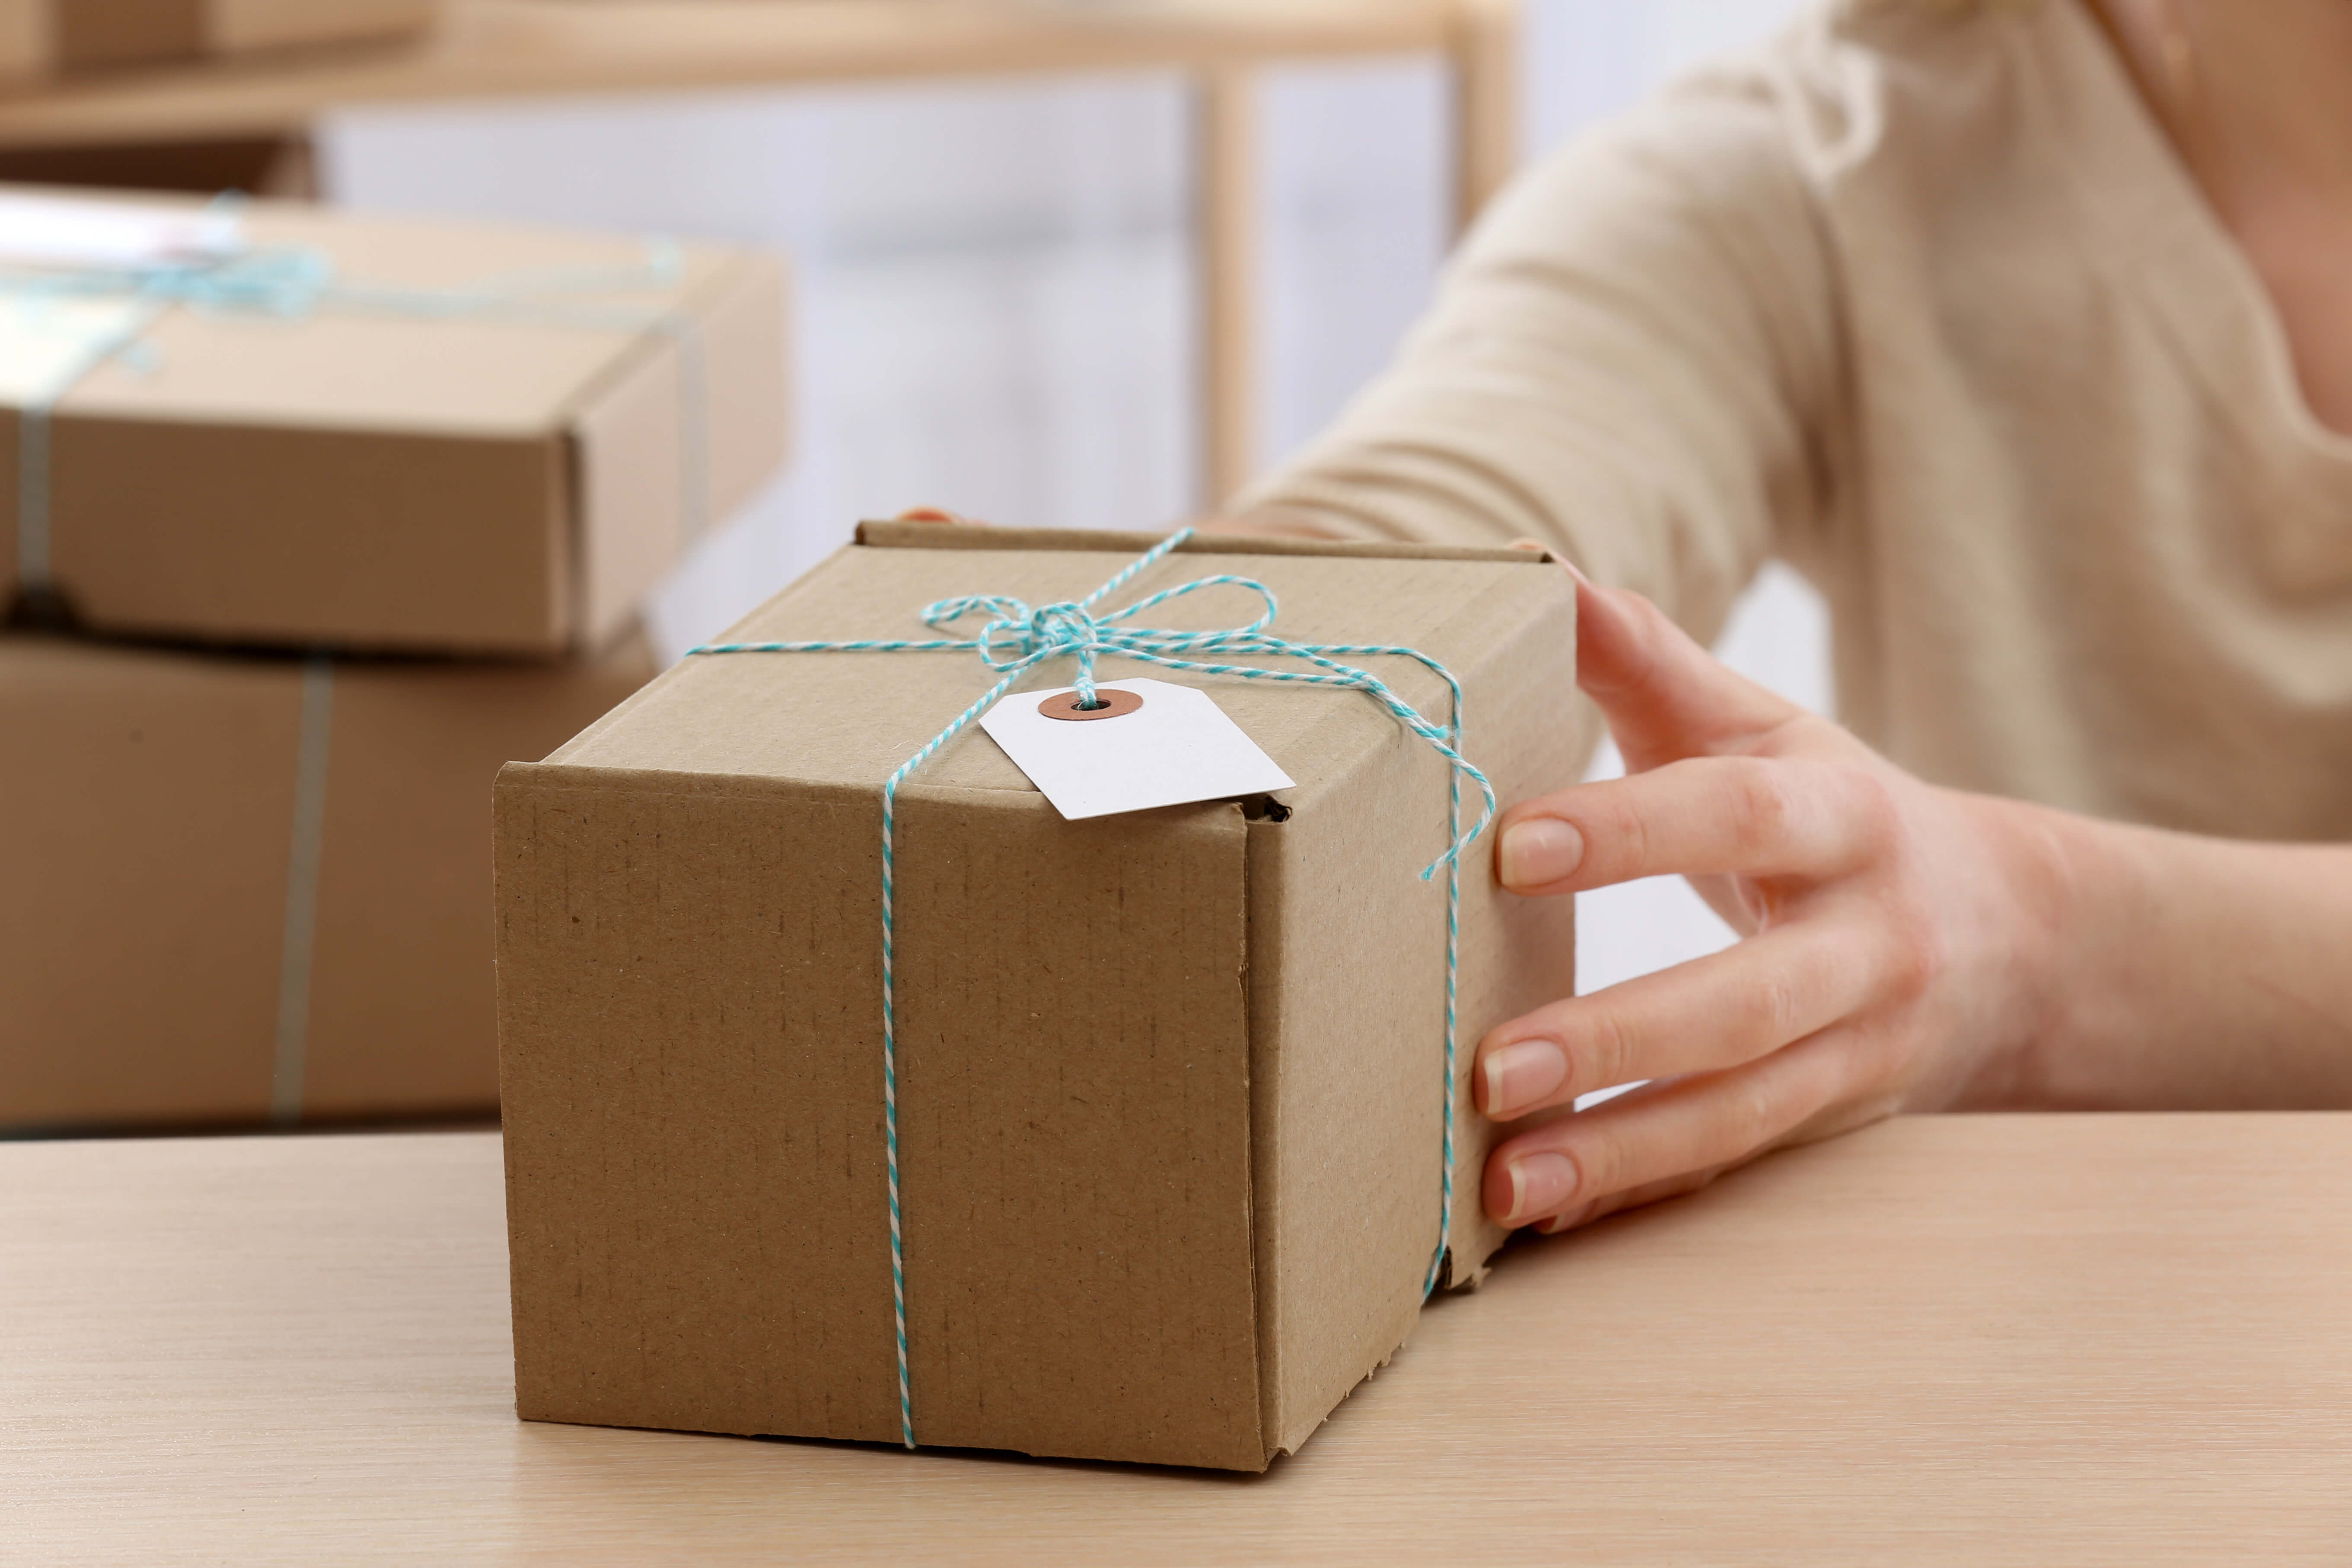 Незнание правил получения посылок из-за рубежа оставило жительницу Твери без импортного парфюма